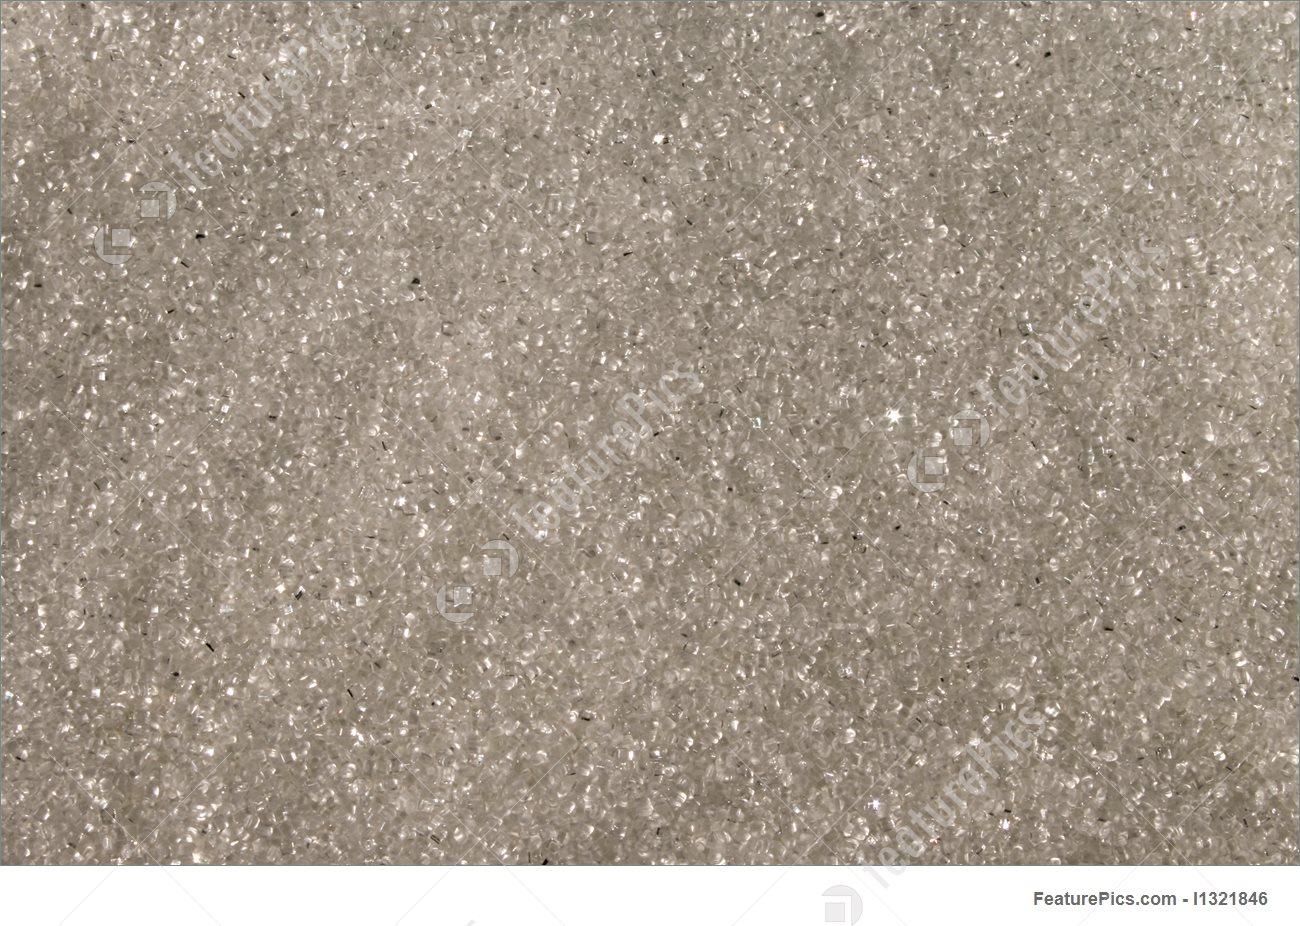 Texture: Plastic Granulate.